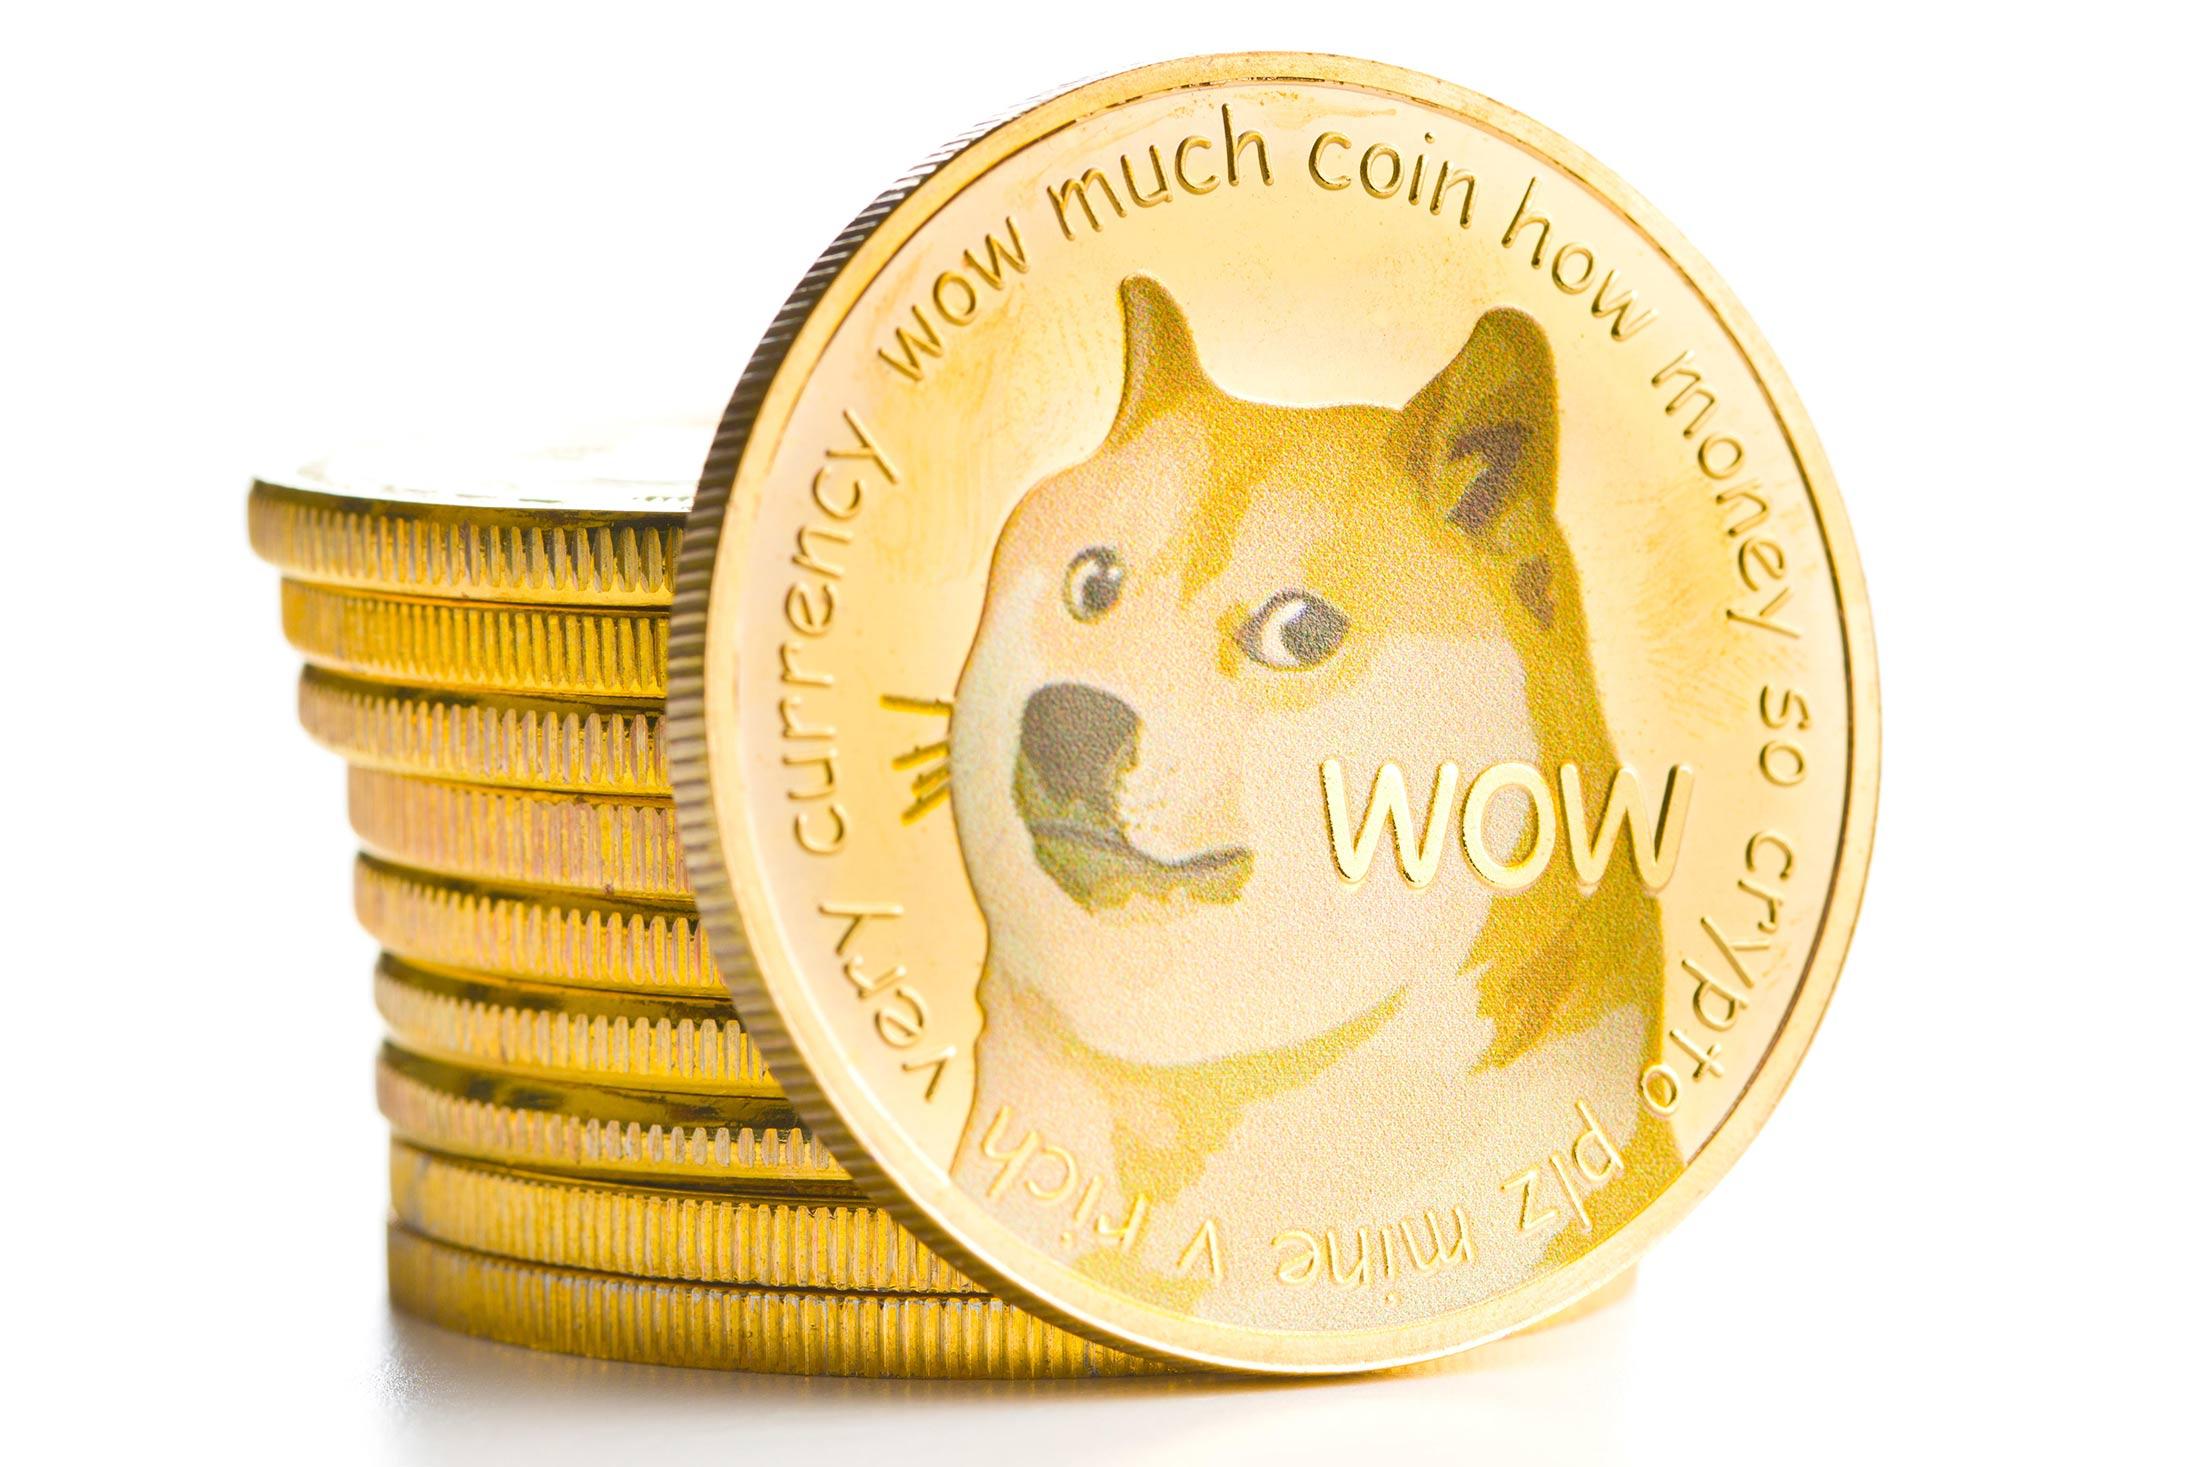 tesla-ersetzt-bitcoin-durch-dogecoin-als-coinbase-und-listet-die-meme-basierte-kryptowaehrung-auf